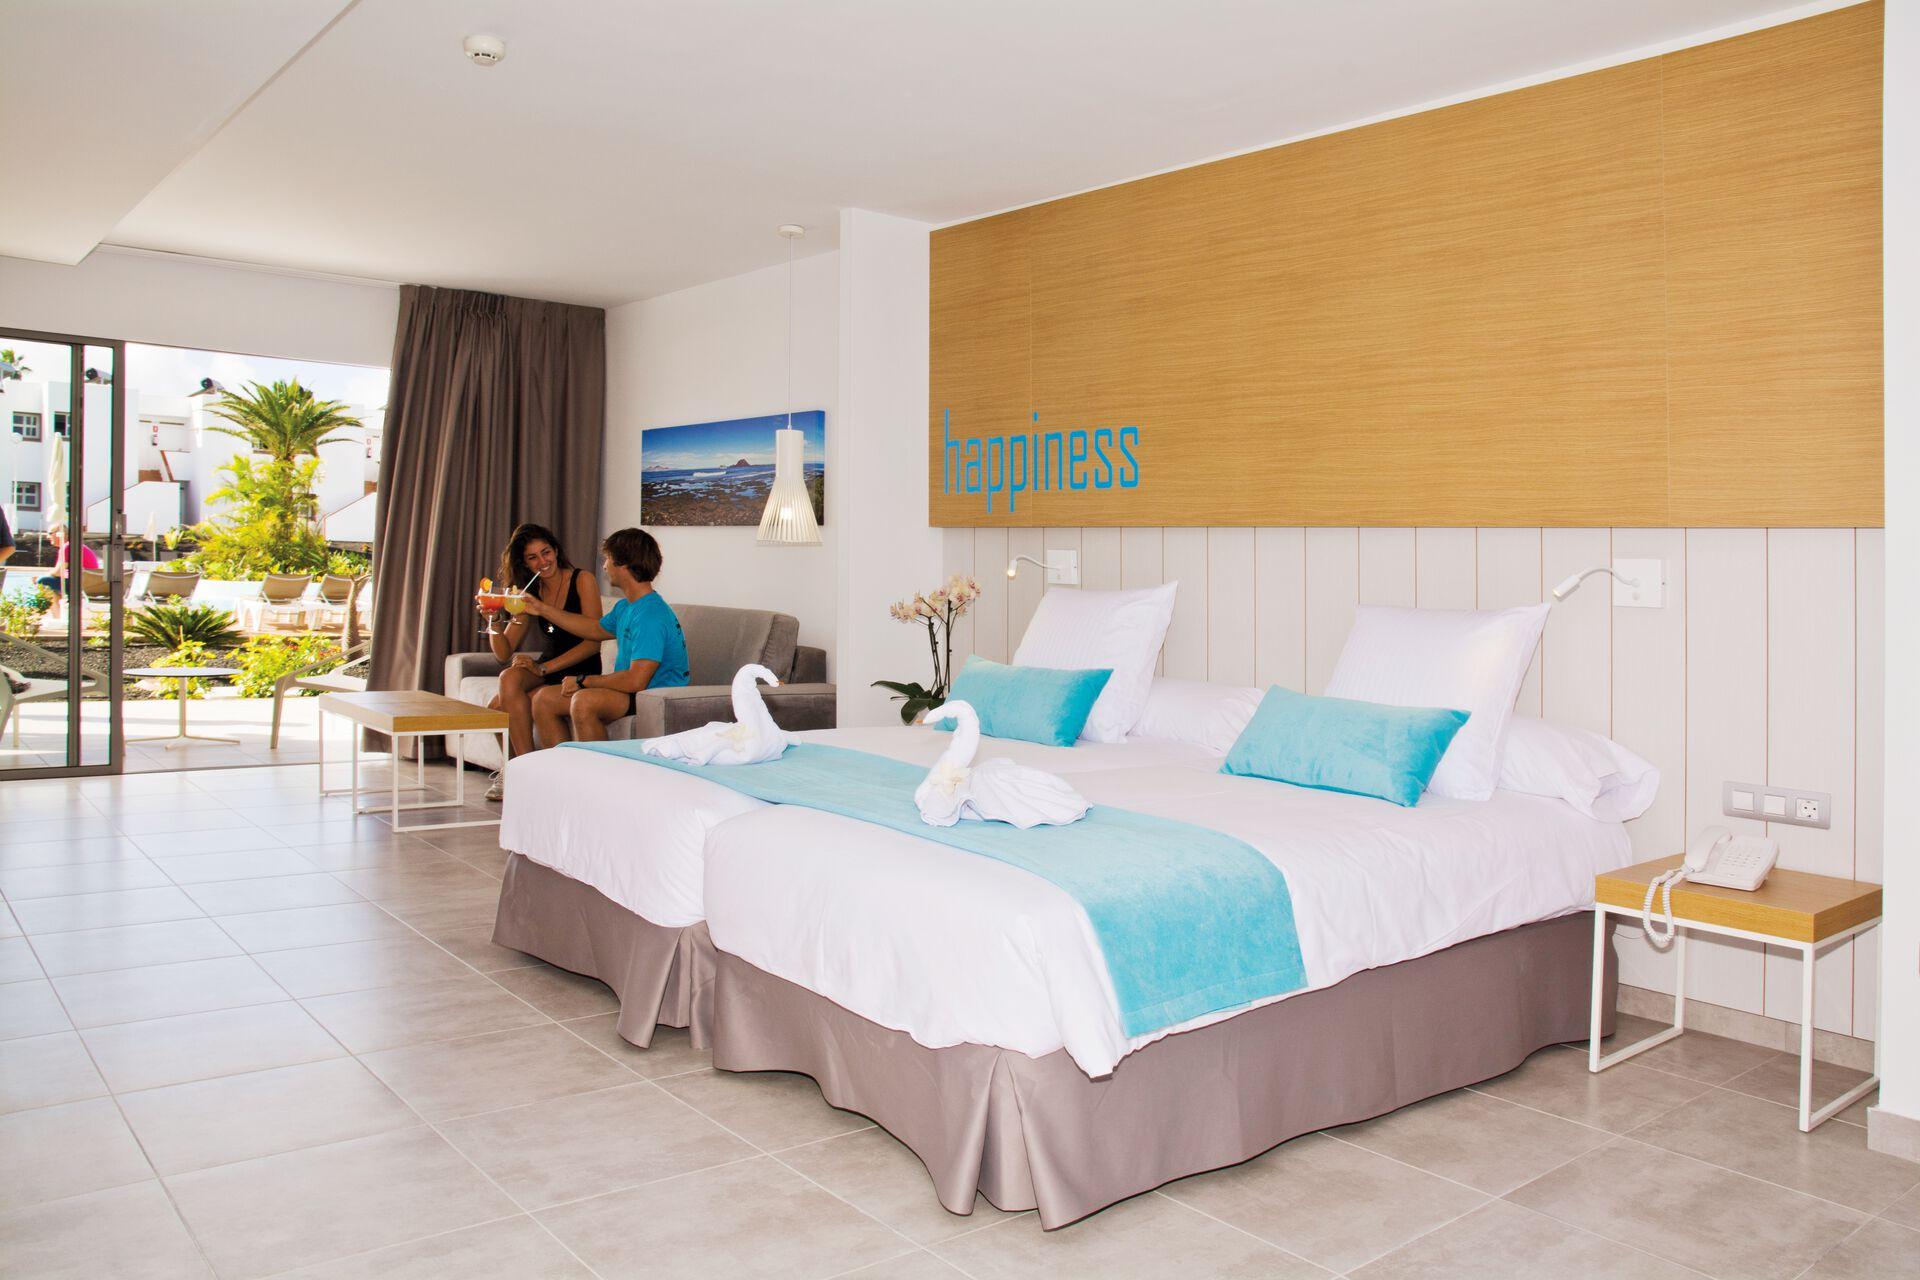 Canaries - Fuerteventura - Espagne - Hôtel Labranda Bahia de Lobos 4*